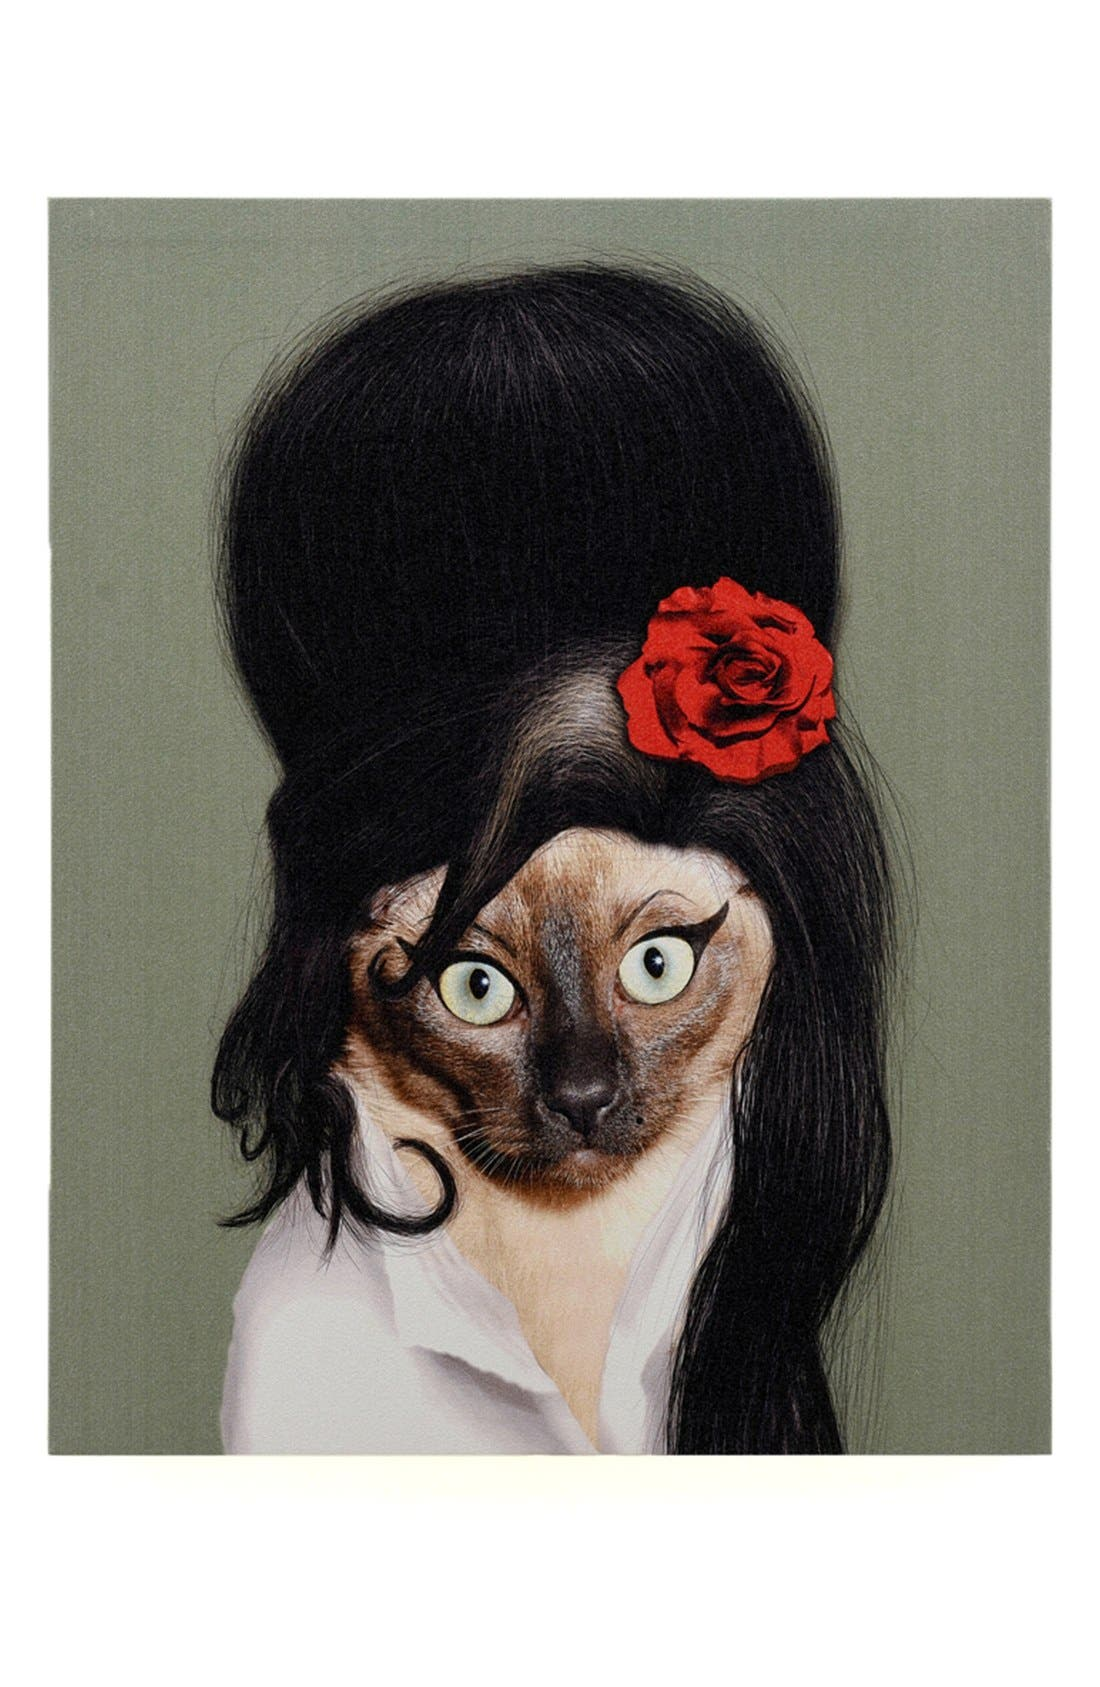 EMPIRE ART DIRECT 'Pets Rock™ - Tattoo' Giclée